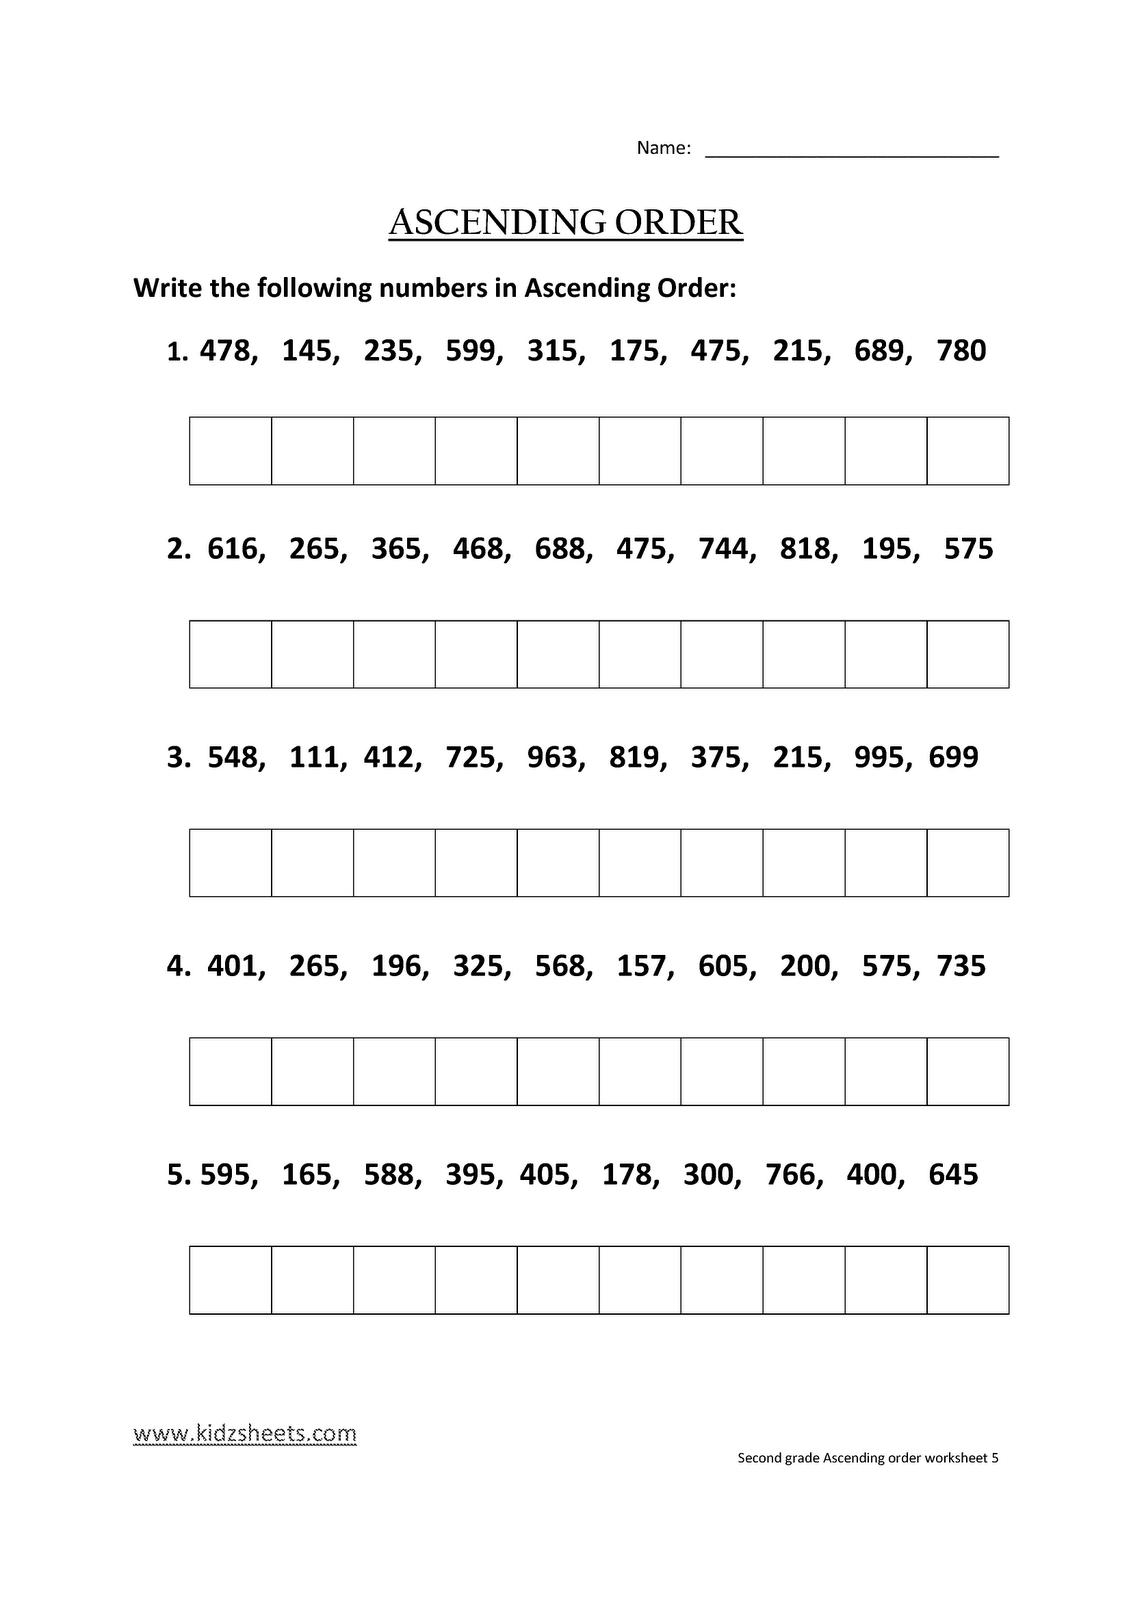 Kidz Worksheets Second Grade Ascending Order Worksheet5